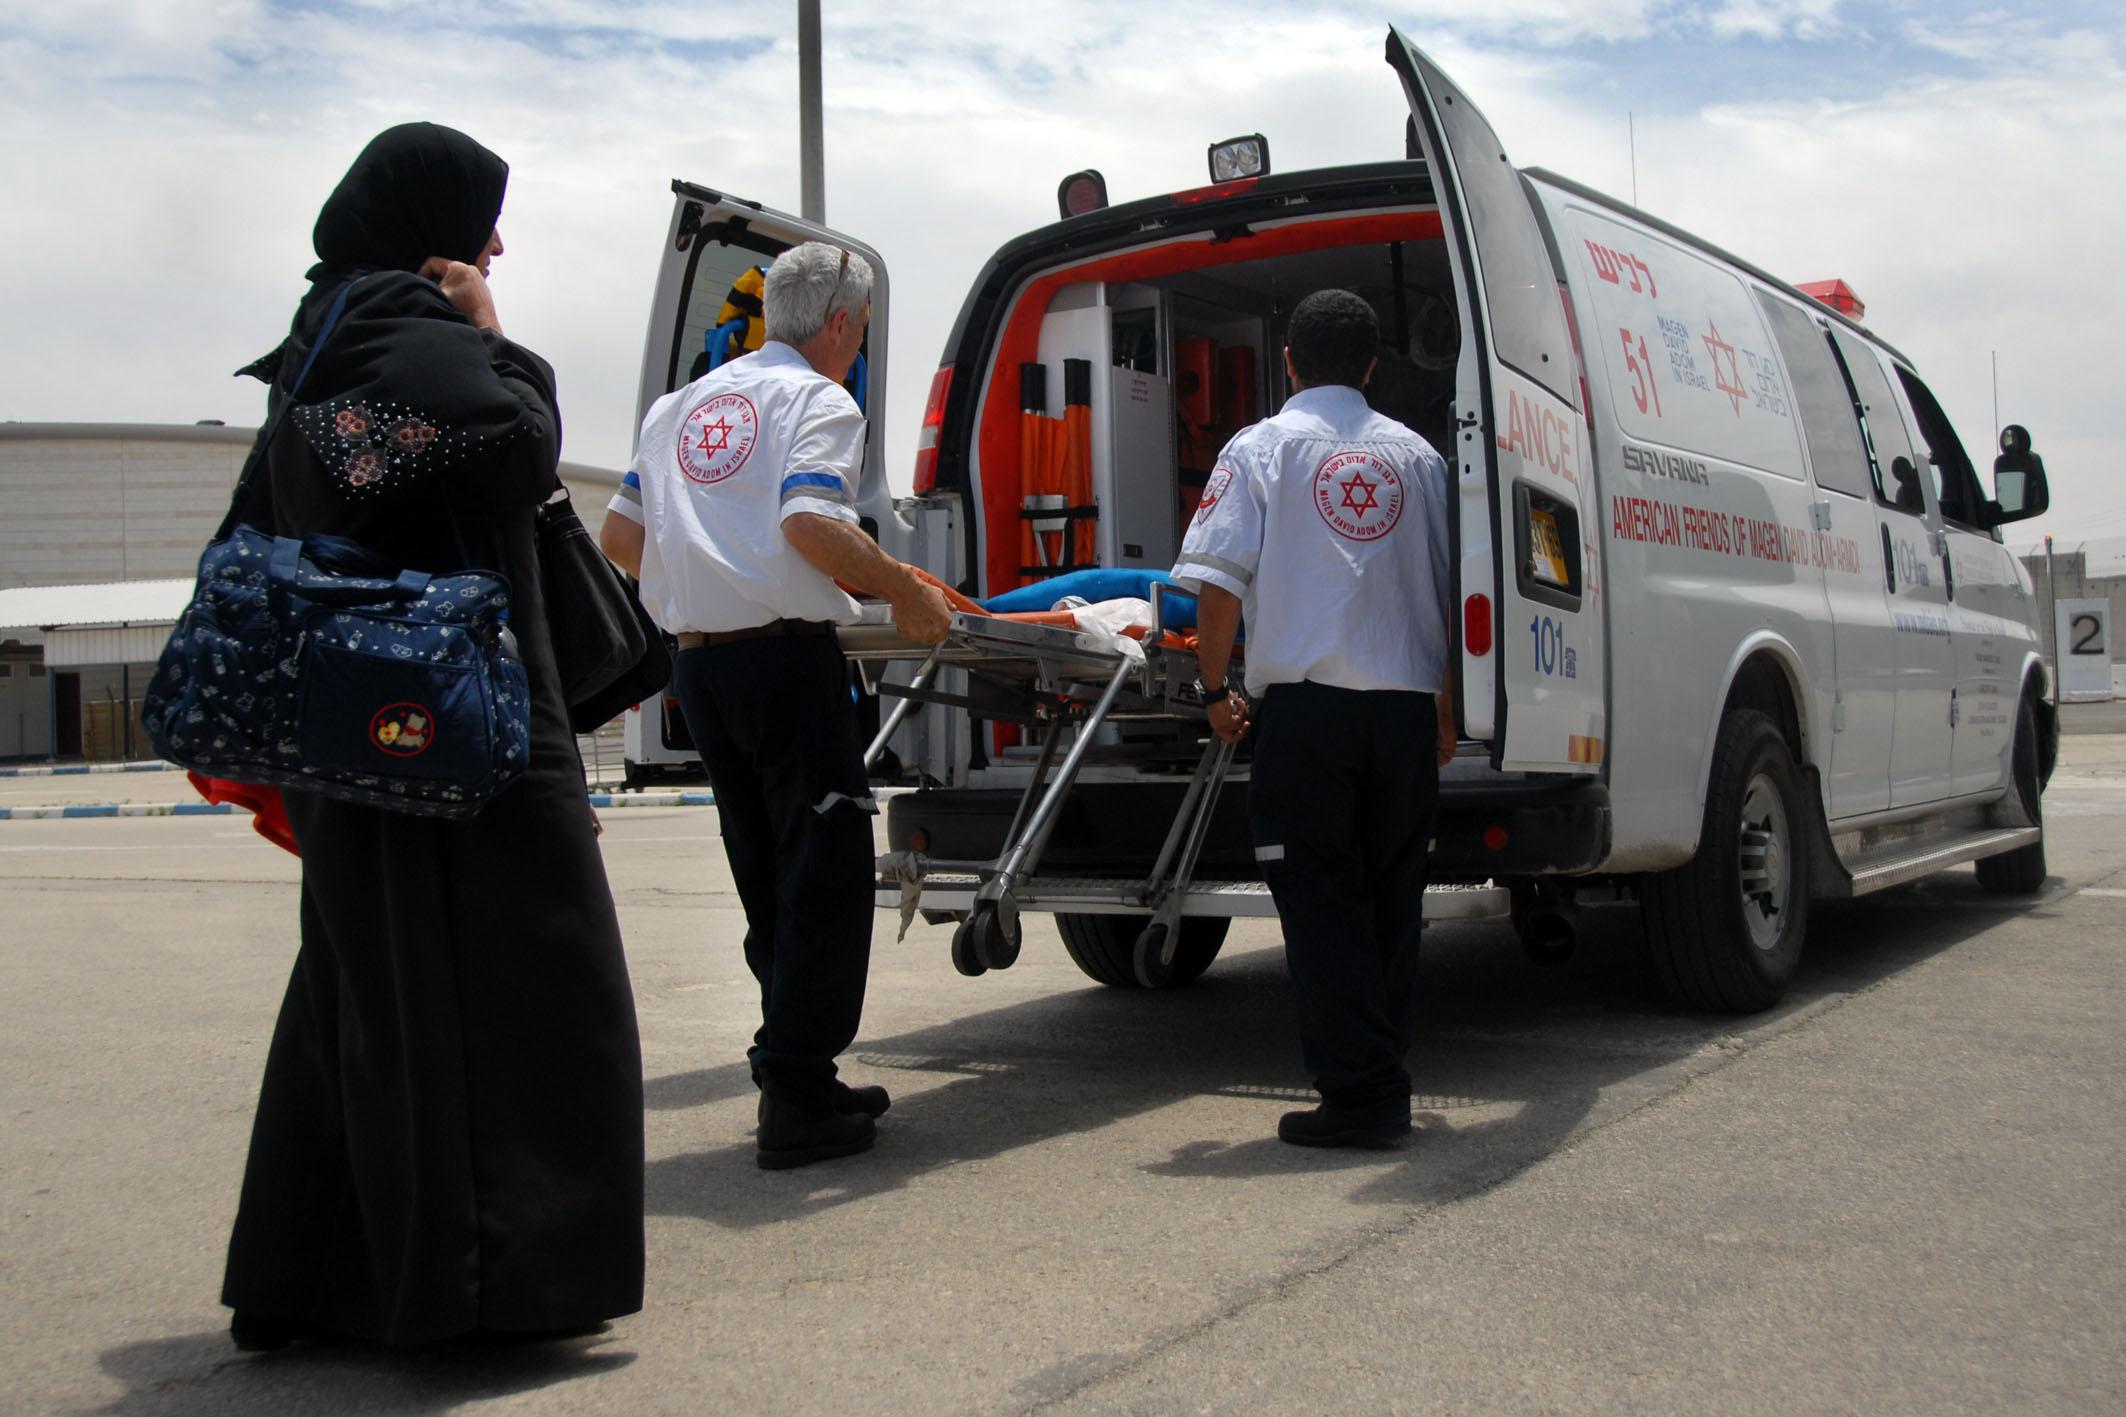 Palestijnen uit de Gazastrook worden voor medische behandelingen overgebracht naar Israel